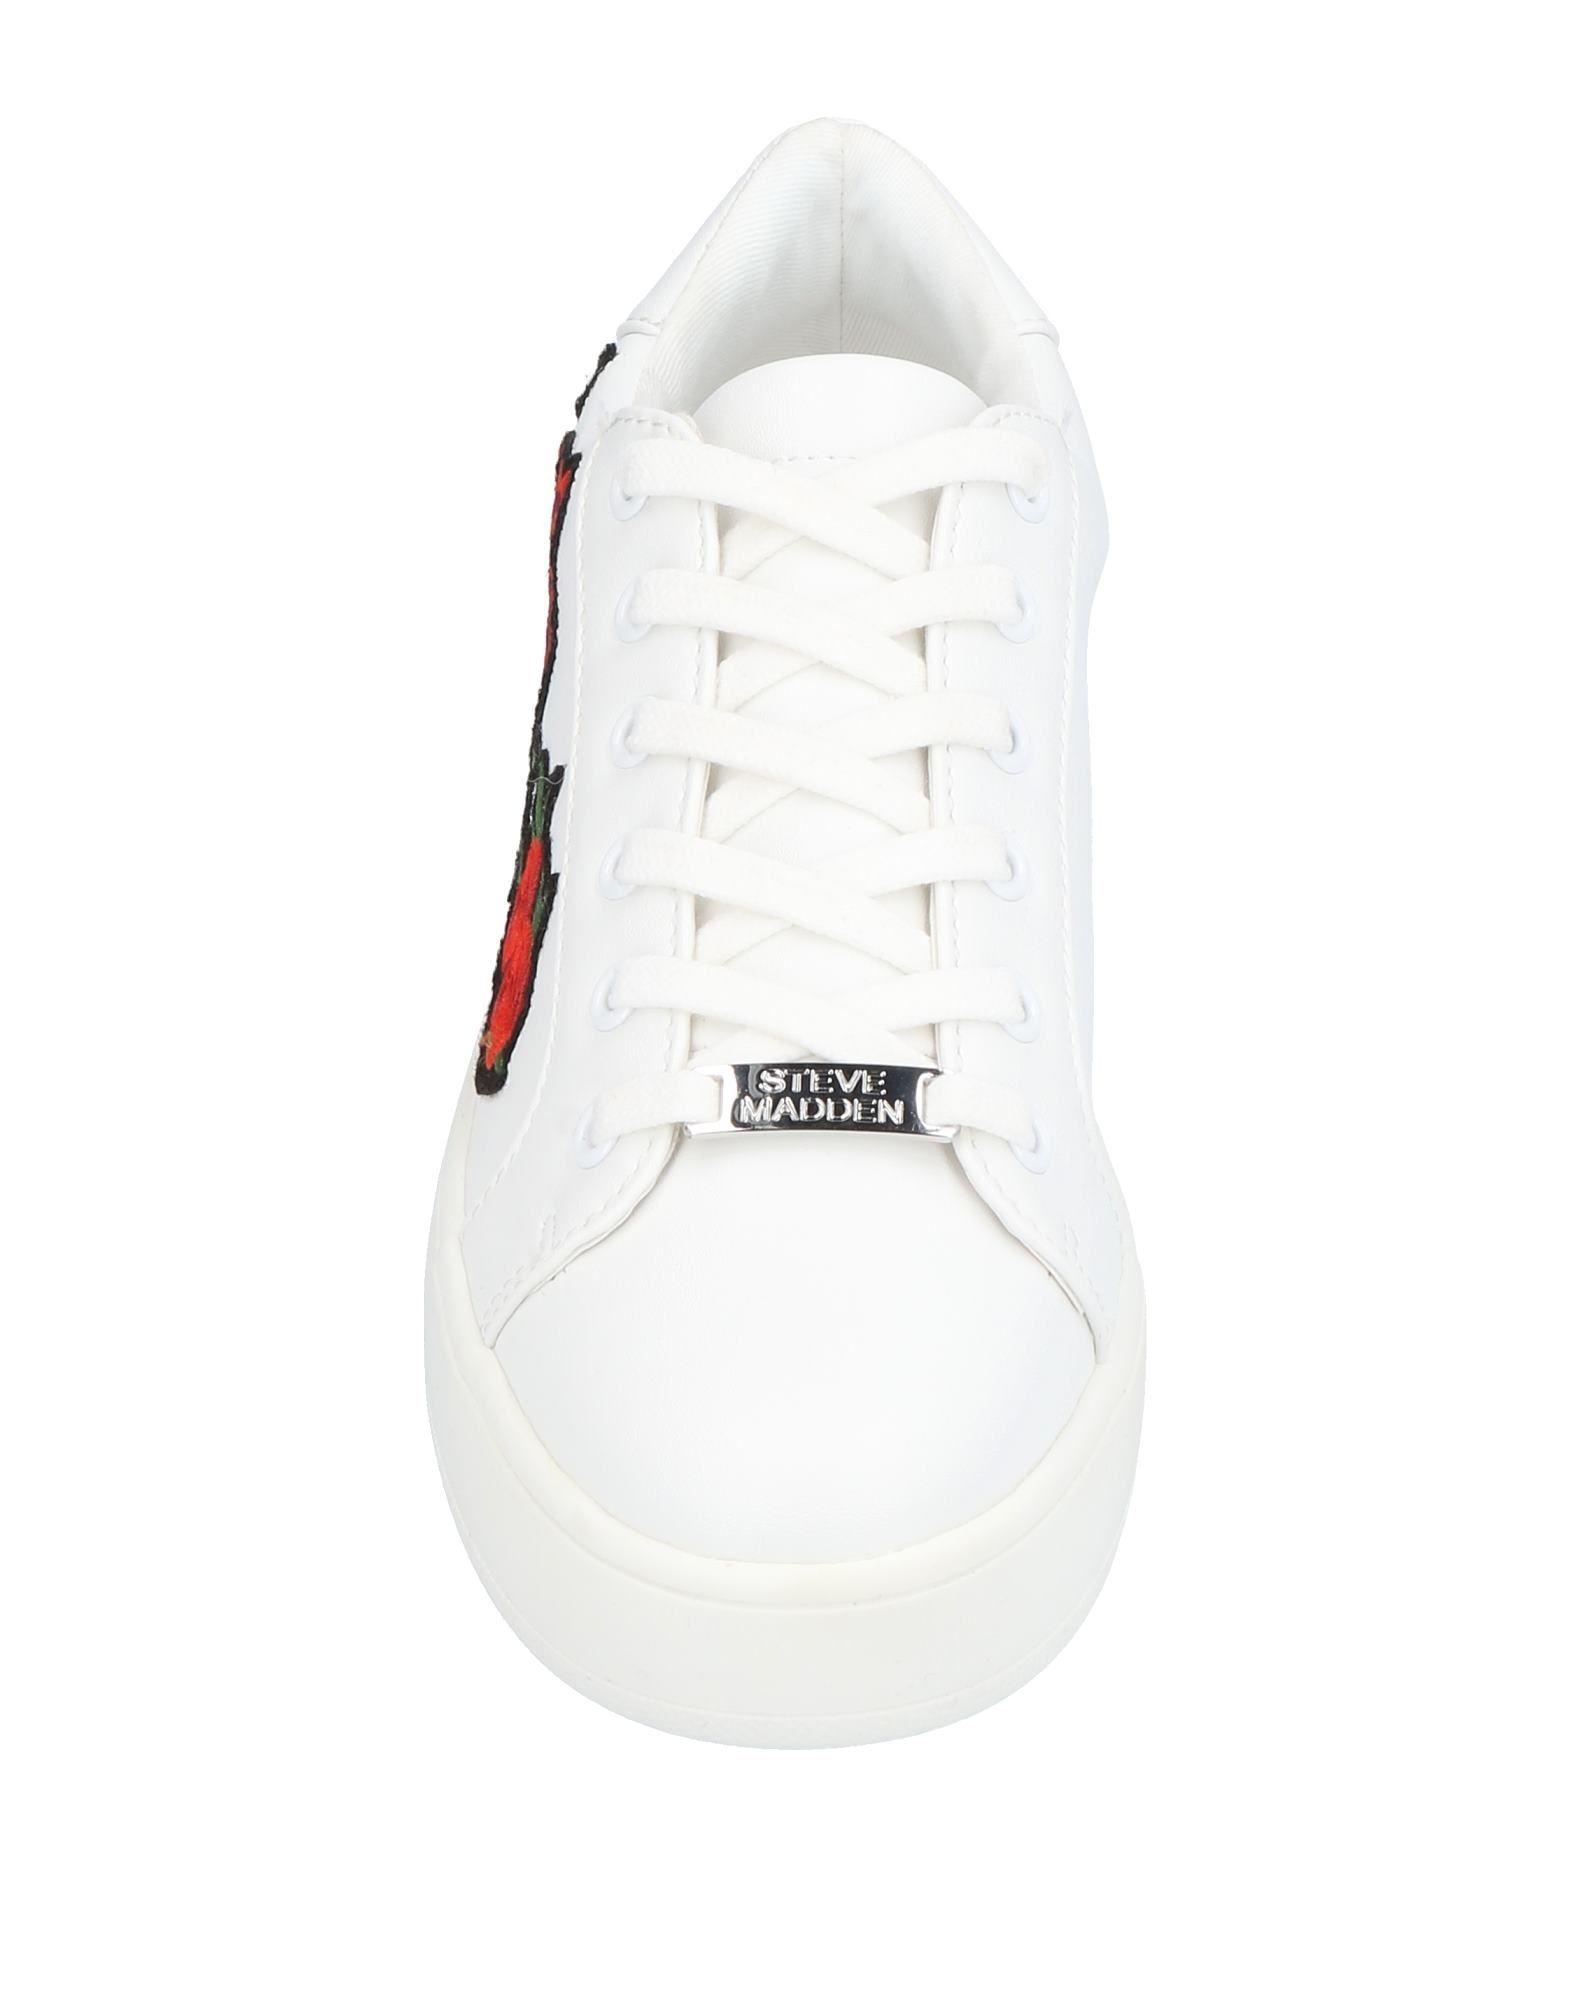 Steve Madden 11467148HN Sneakers Damen  11467148HN Madden Gute Qualität beliebte Schuhe 865f79